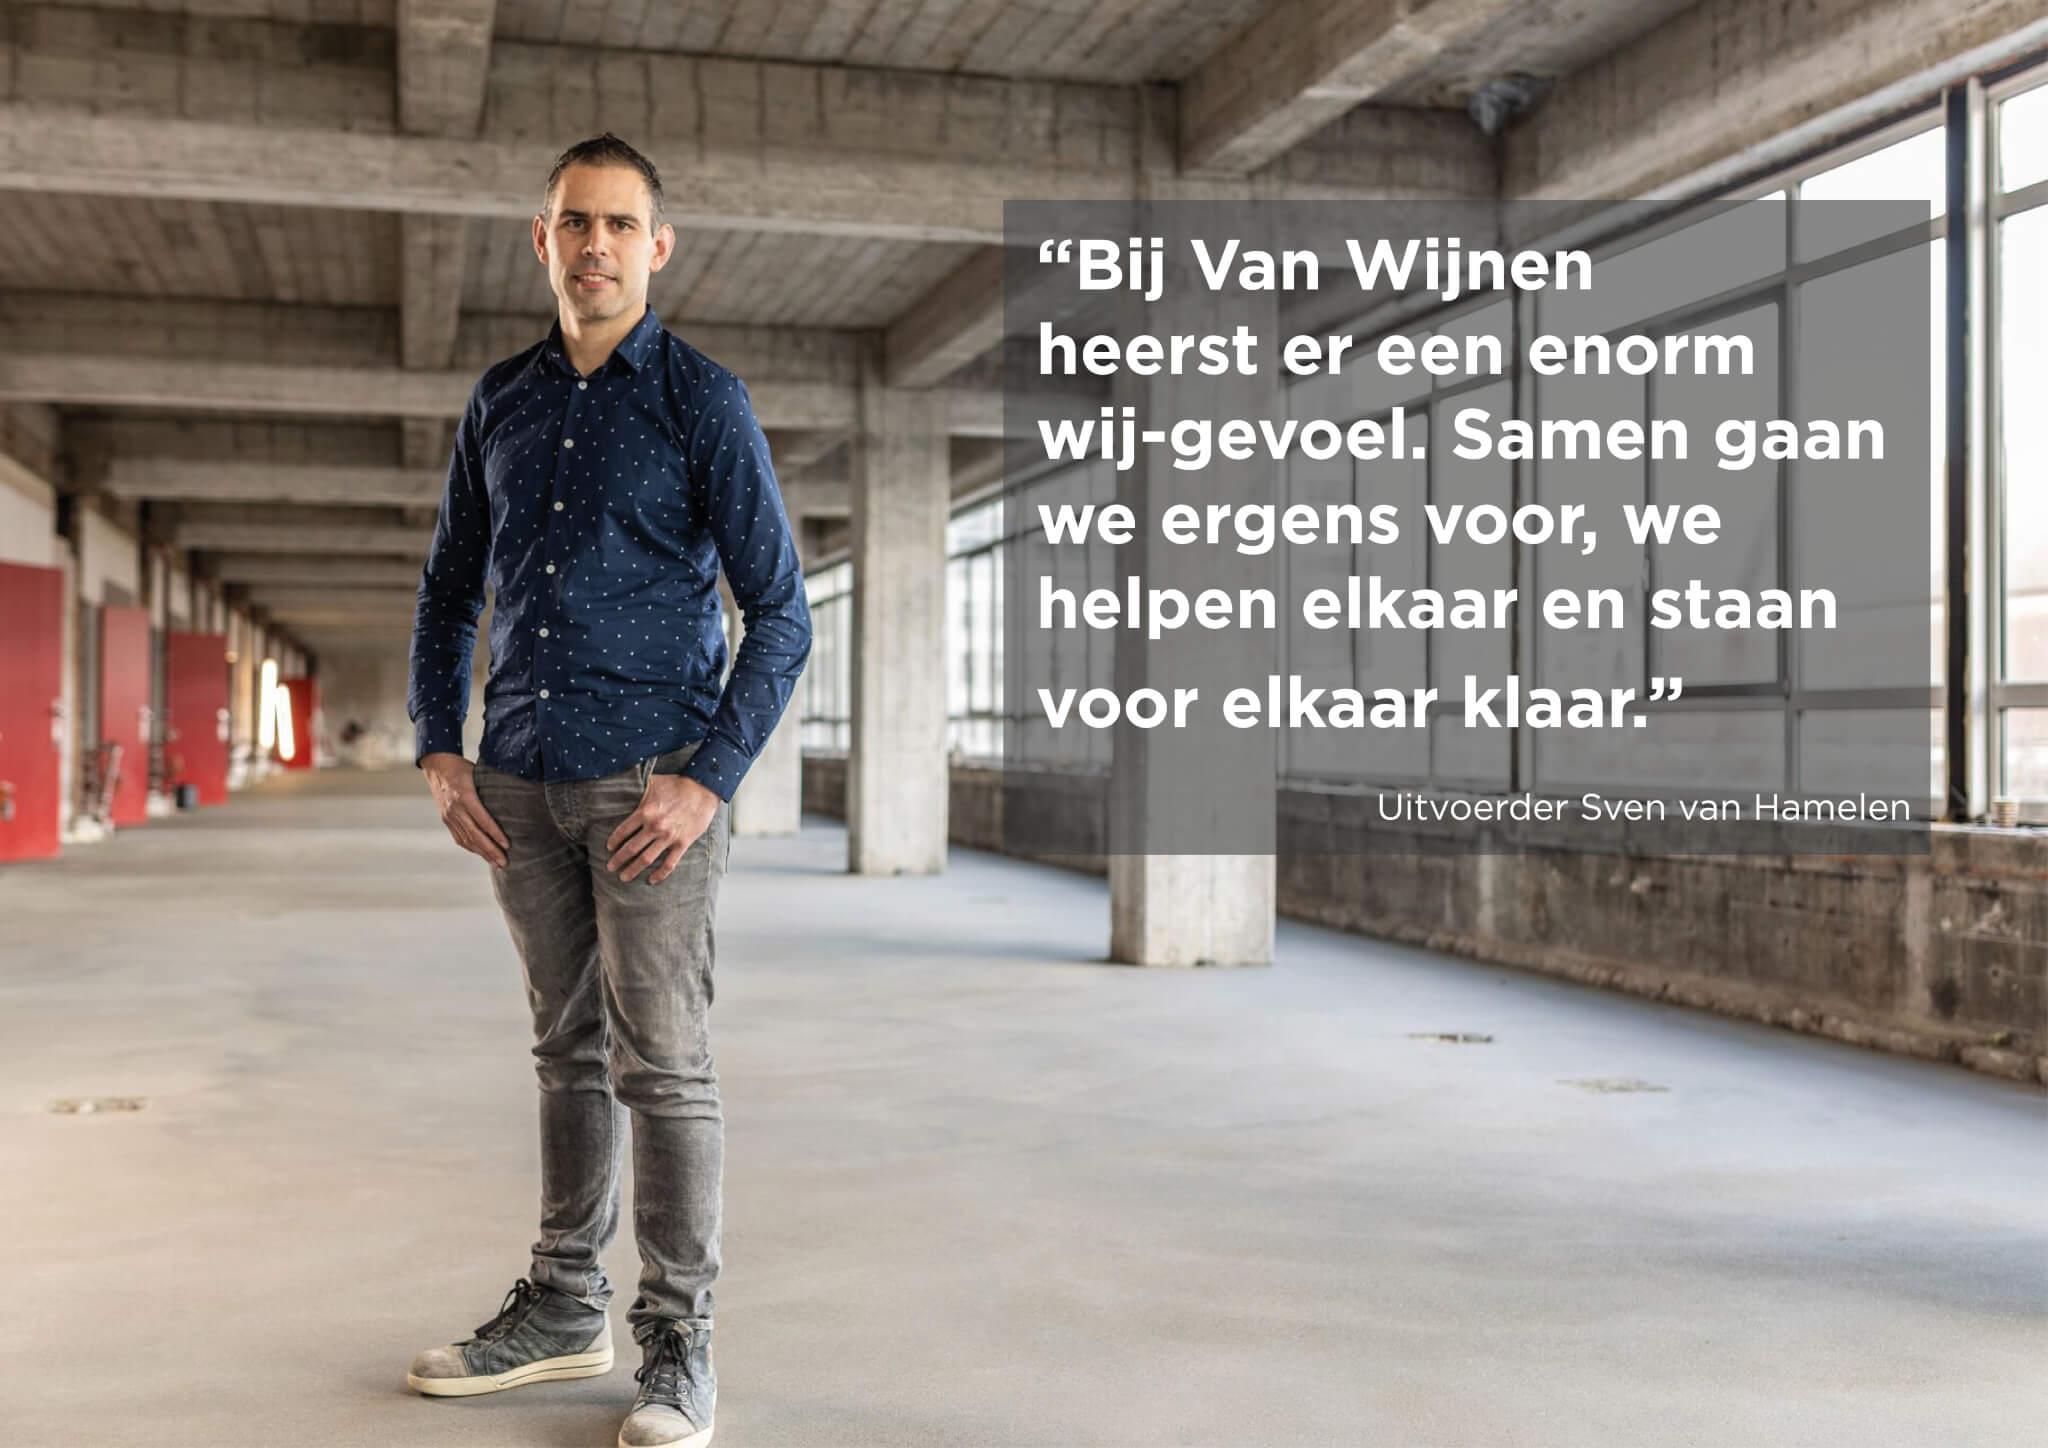 Uitvoerder Sven van Hamelen in WTC Rotterdam